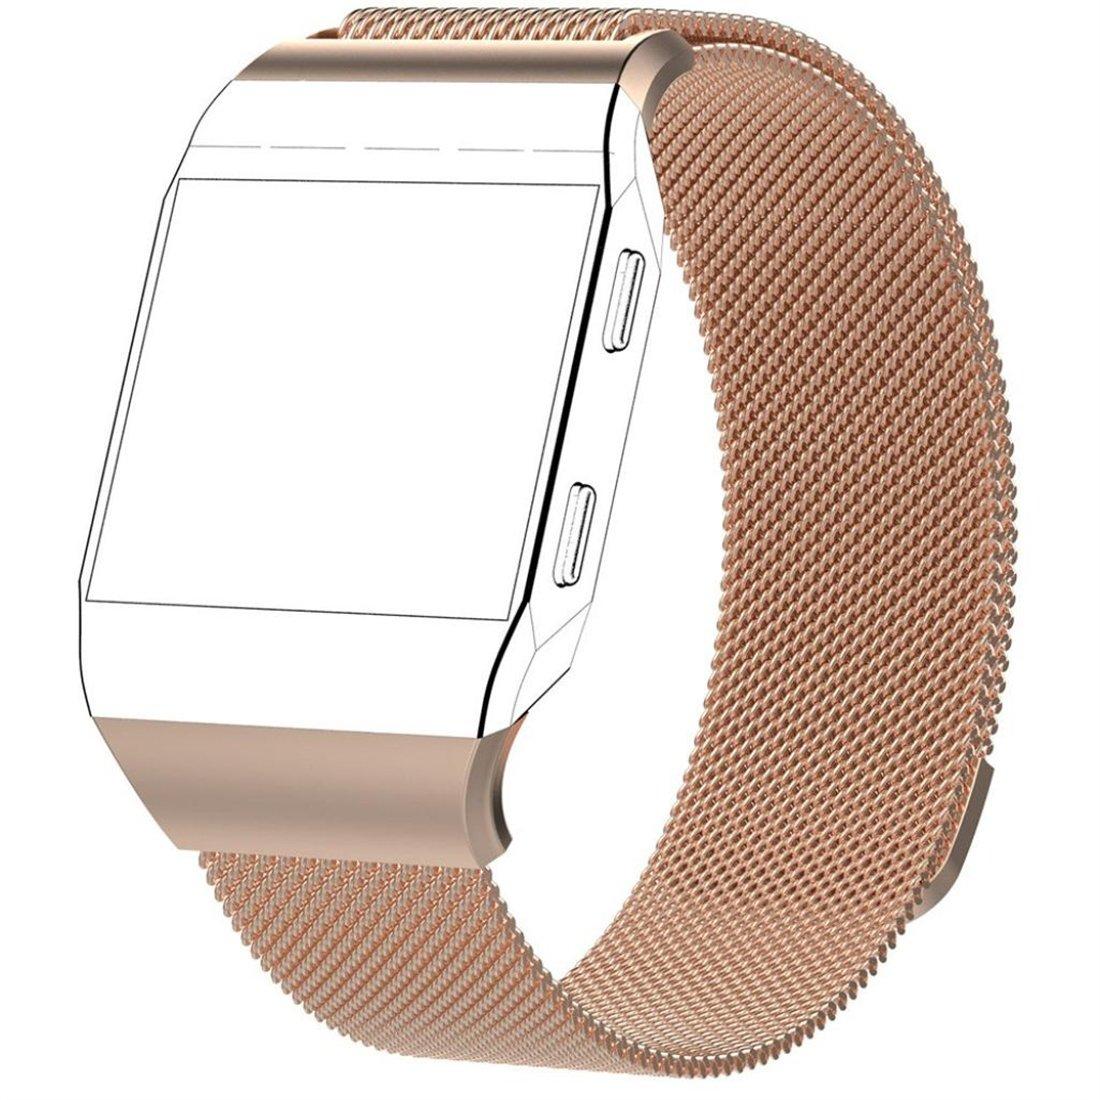 Fitbit Ionicバンド、Hanyiラグジュアリー磁気ロックMilanese Loopステンレススチール時計バンド交換用ストラップfor Fitbit Ionic Large|ローズゴールド ローズゴールド Large B076QB4K65